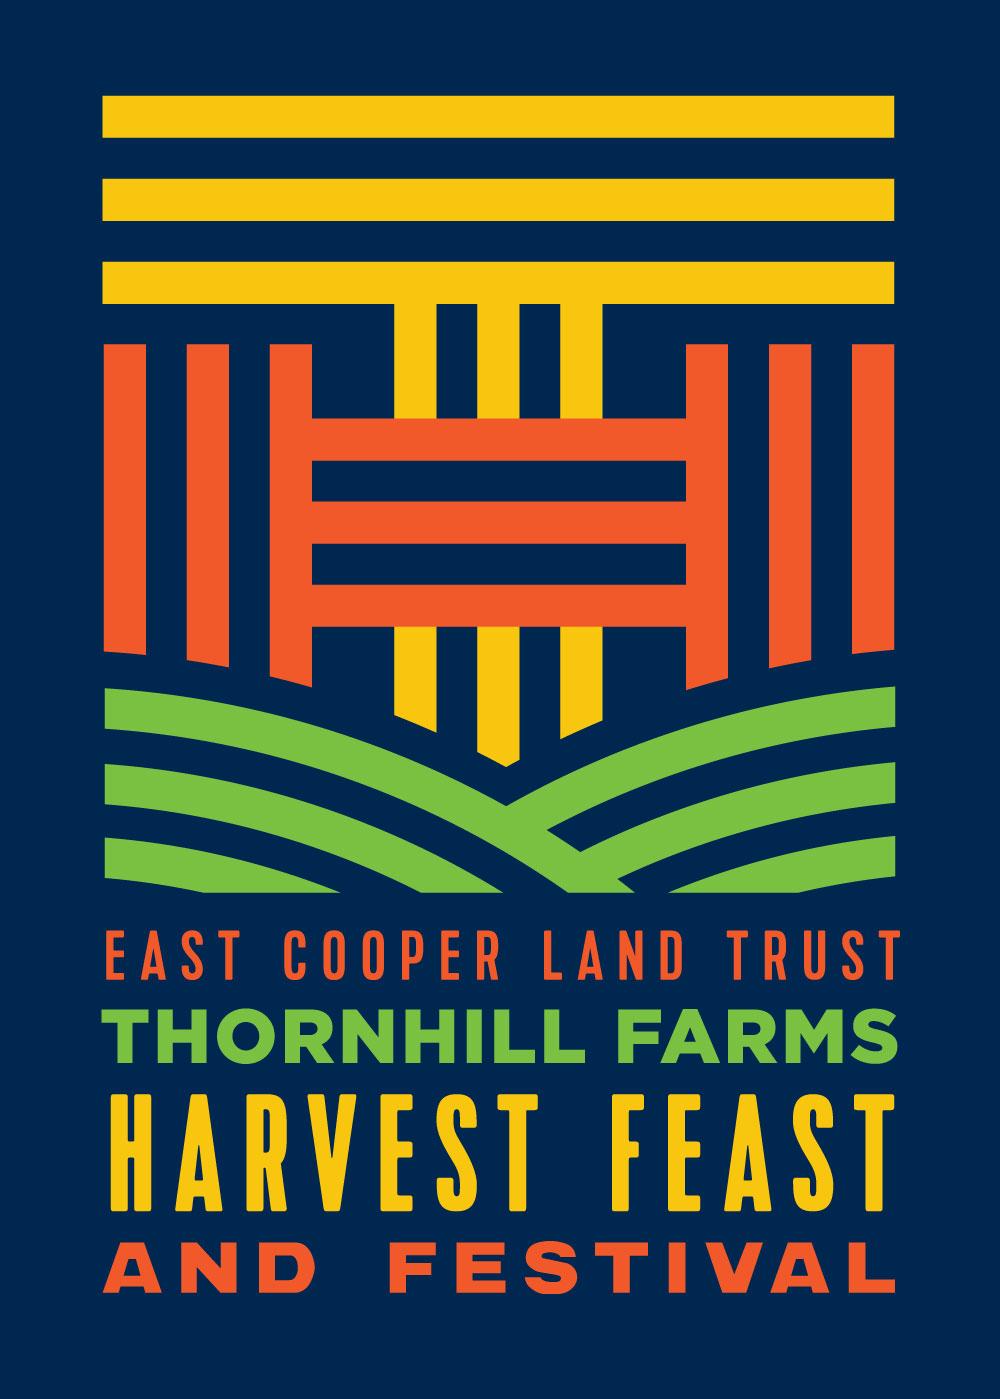 Thornhill_harvest-Fest_Logo